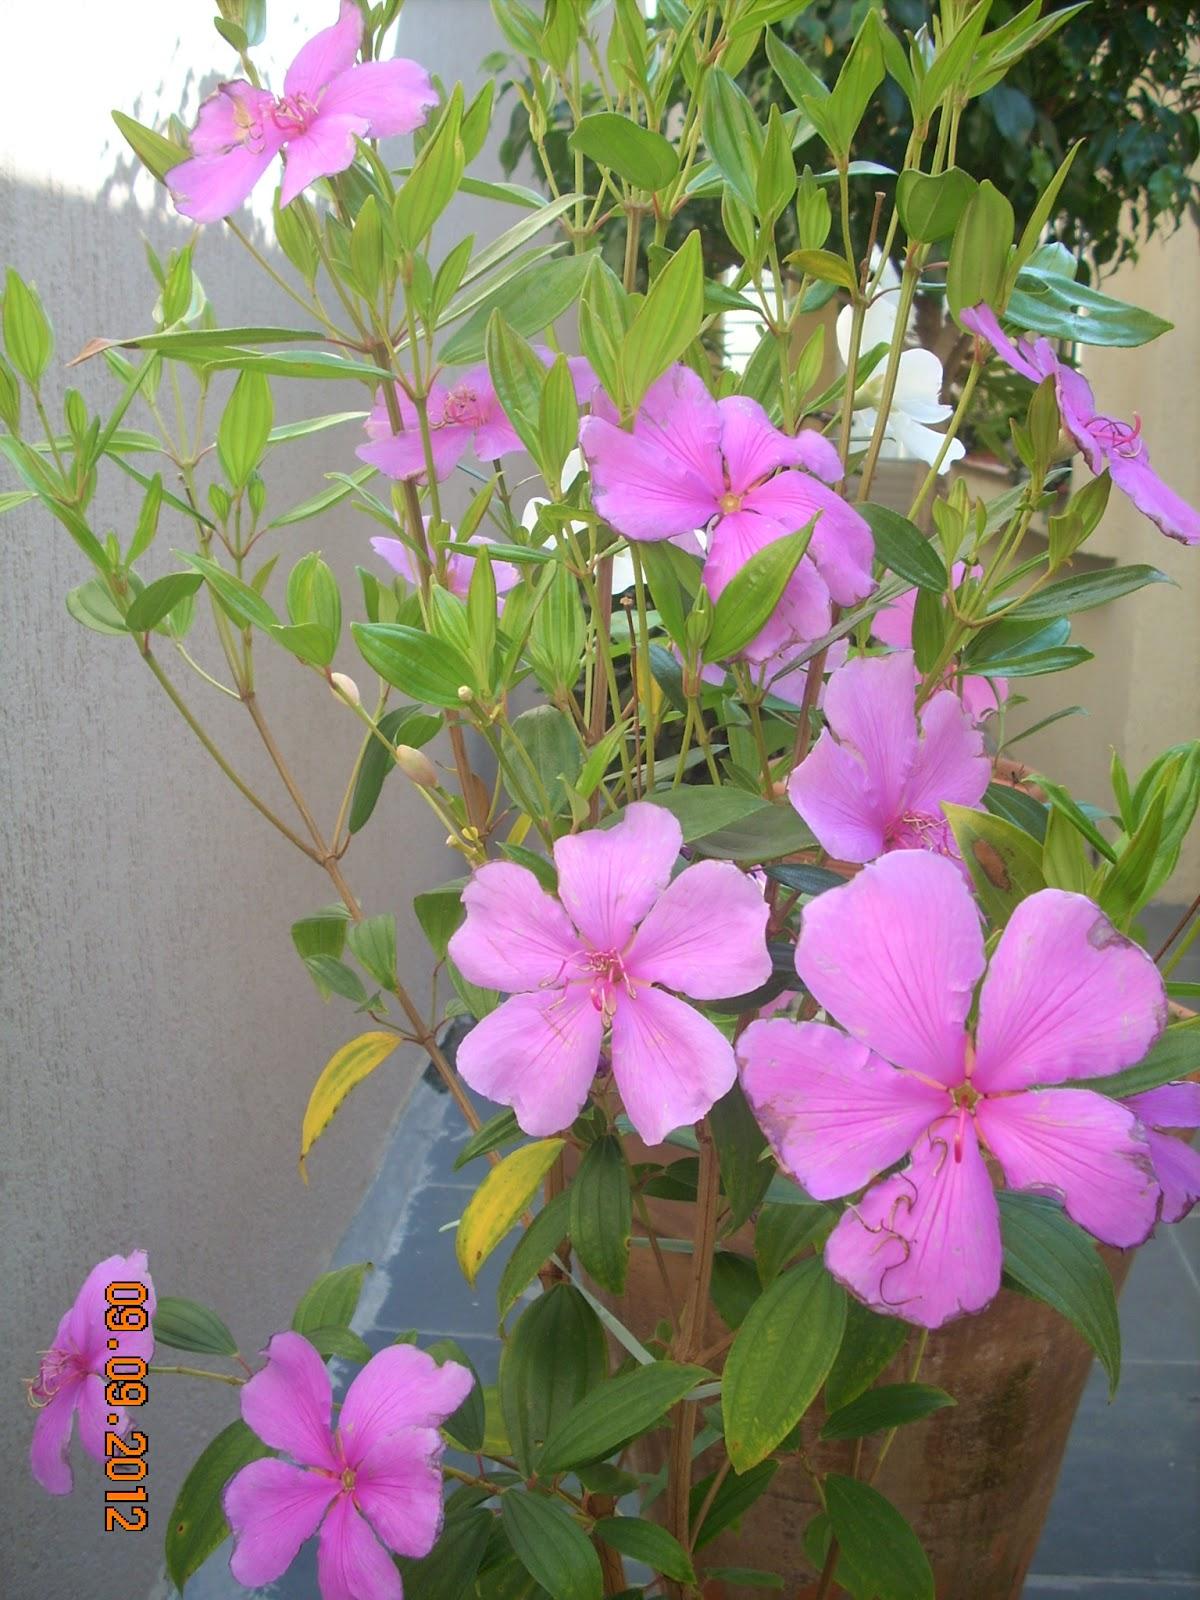 meu quintal meu jardim:Coisas de Ada: Manacá da Serra no meu quintal